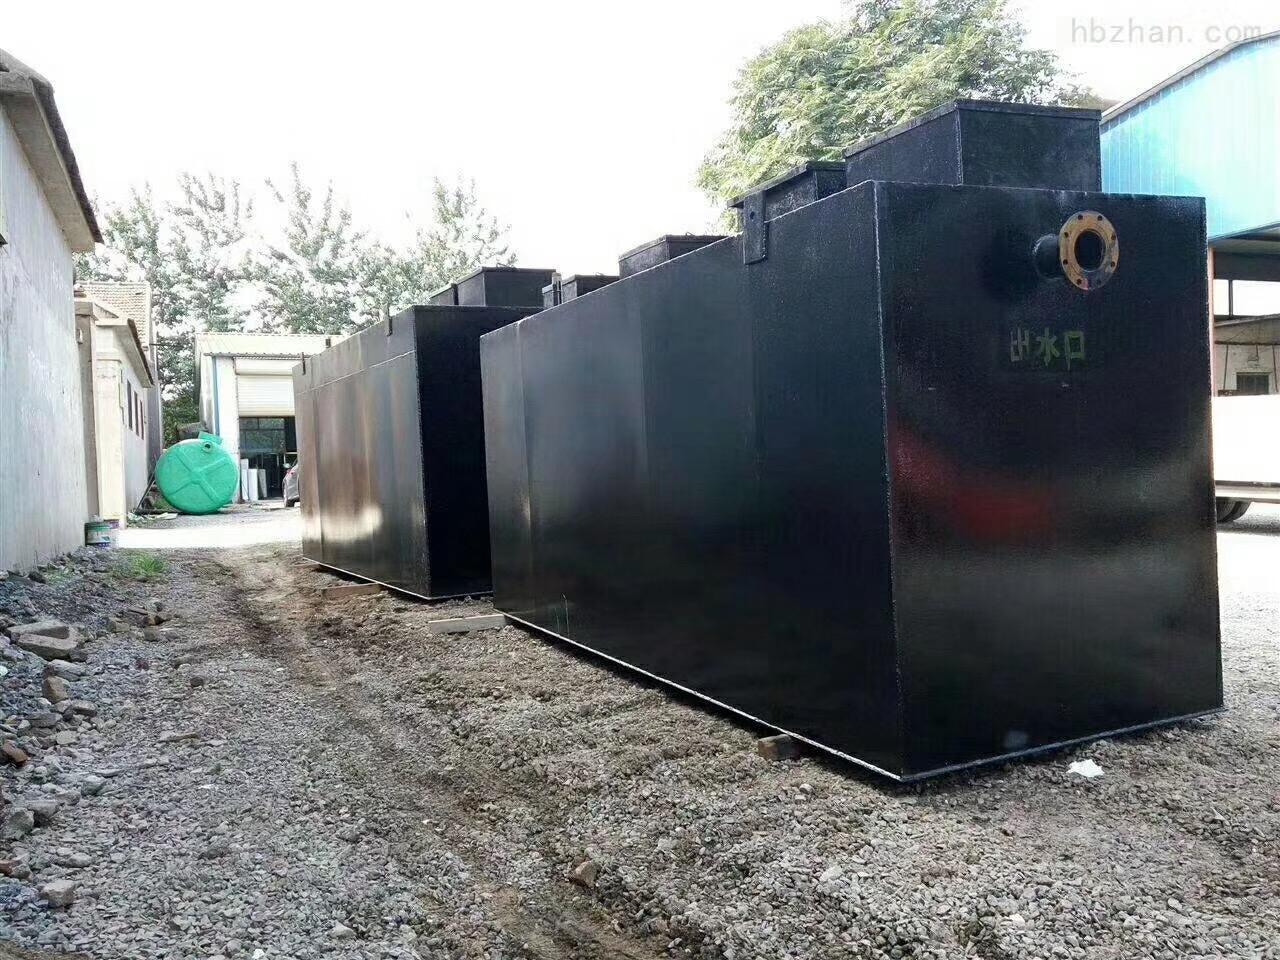 安徽蚌埠生活污水处理效果好吗